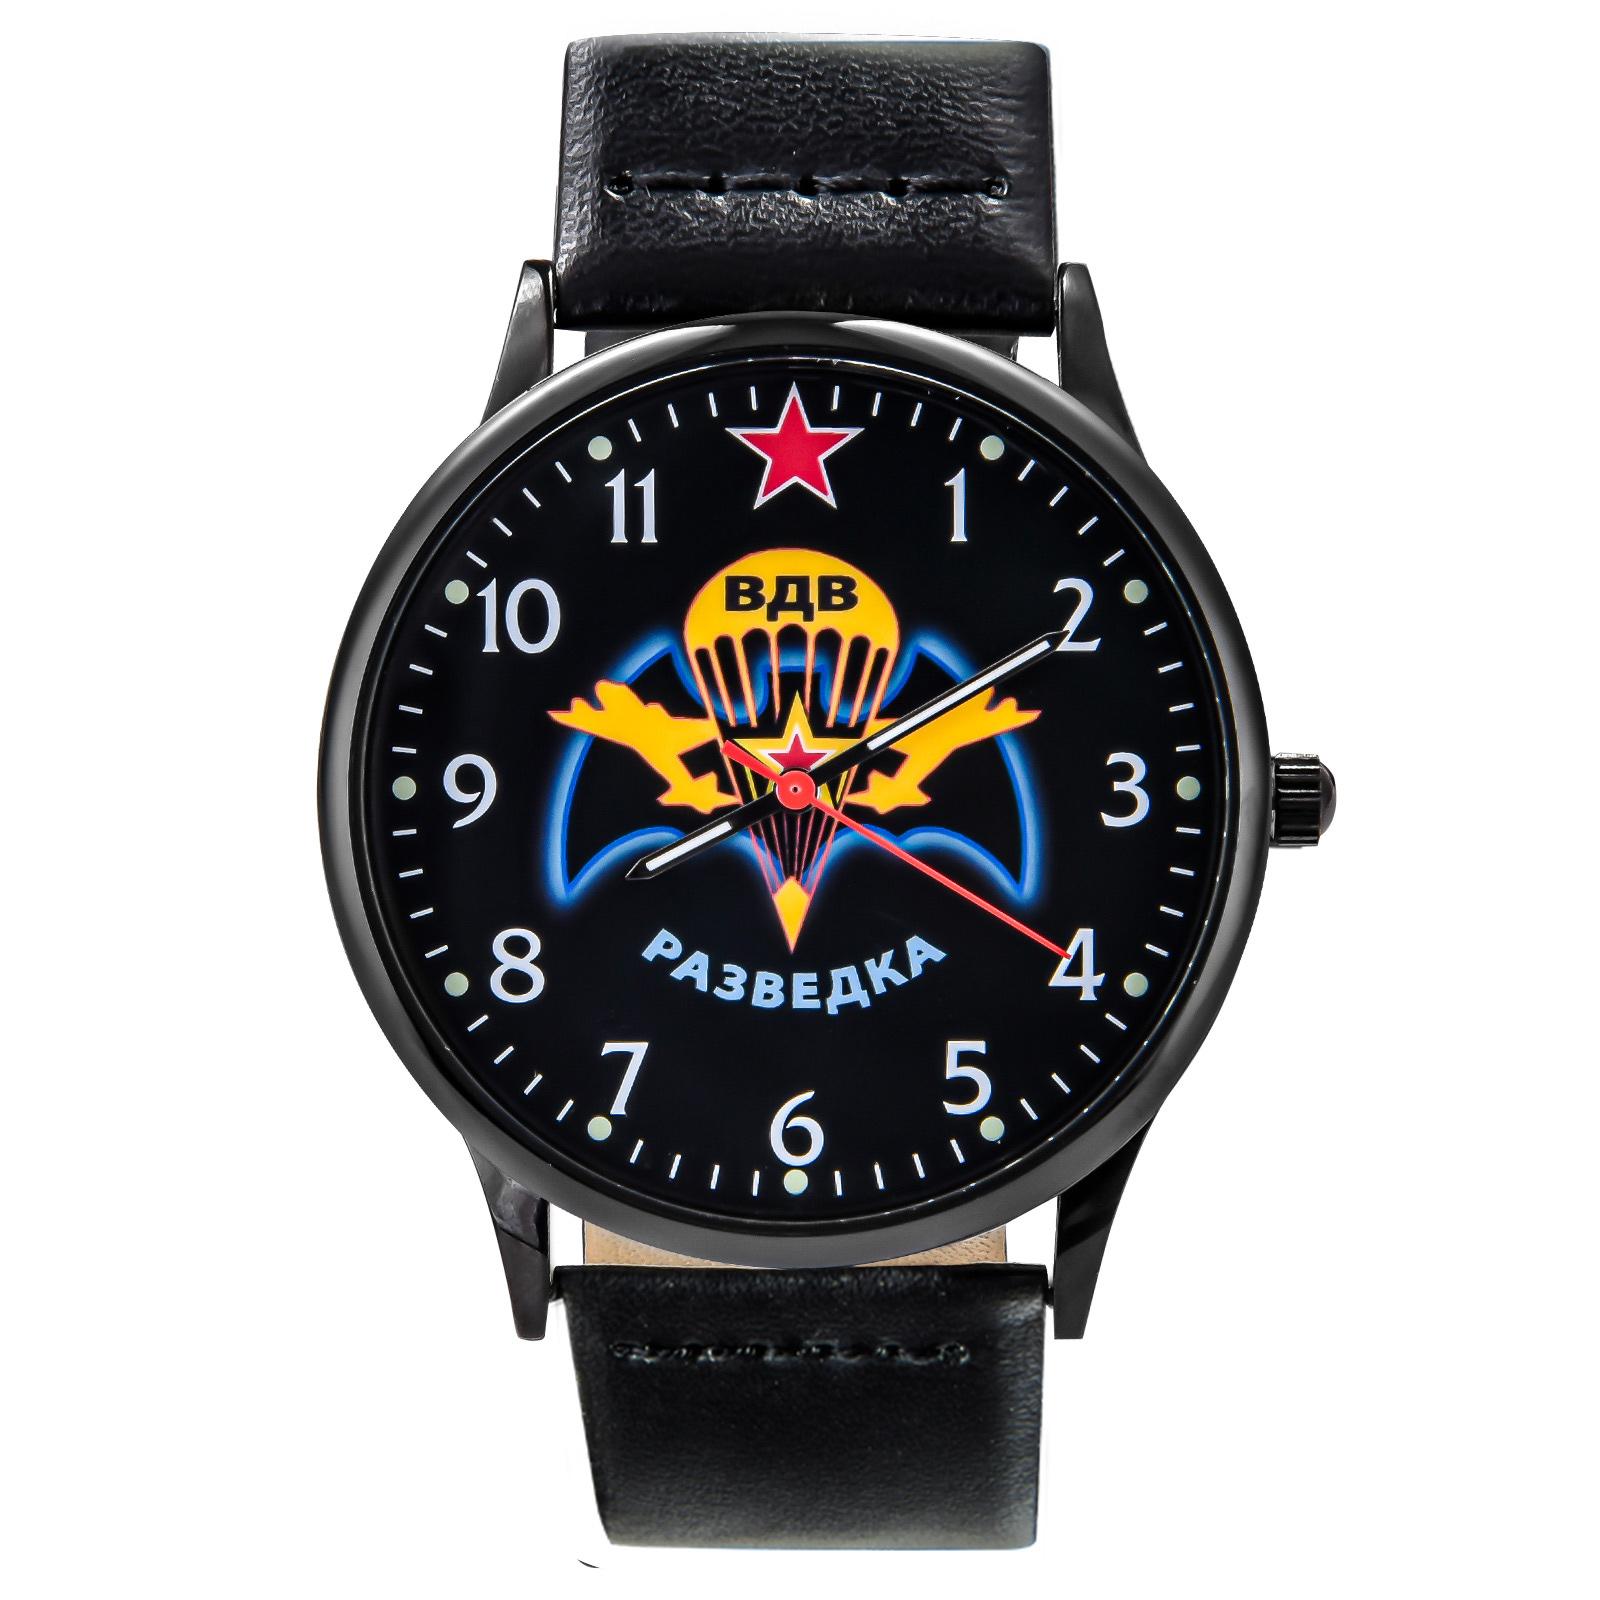 Тактические часы Разведка ВДВ купить в Военпро